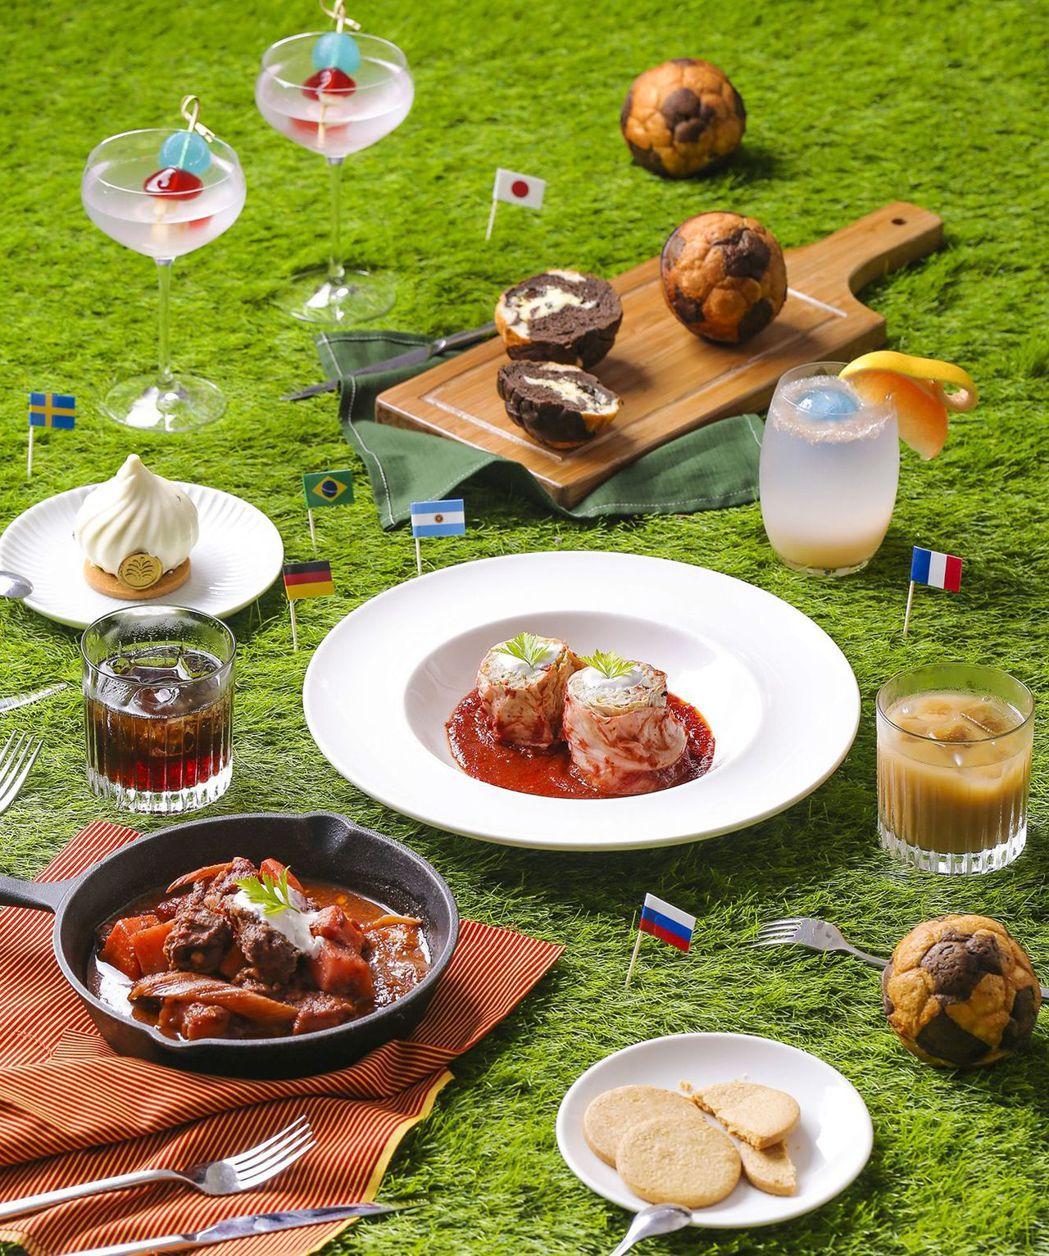 台南老爺行旅推出世足限定餐飲活動。  老爺行旅 提供